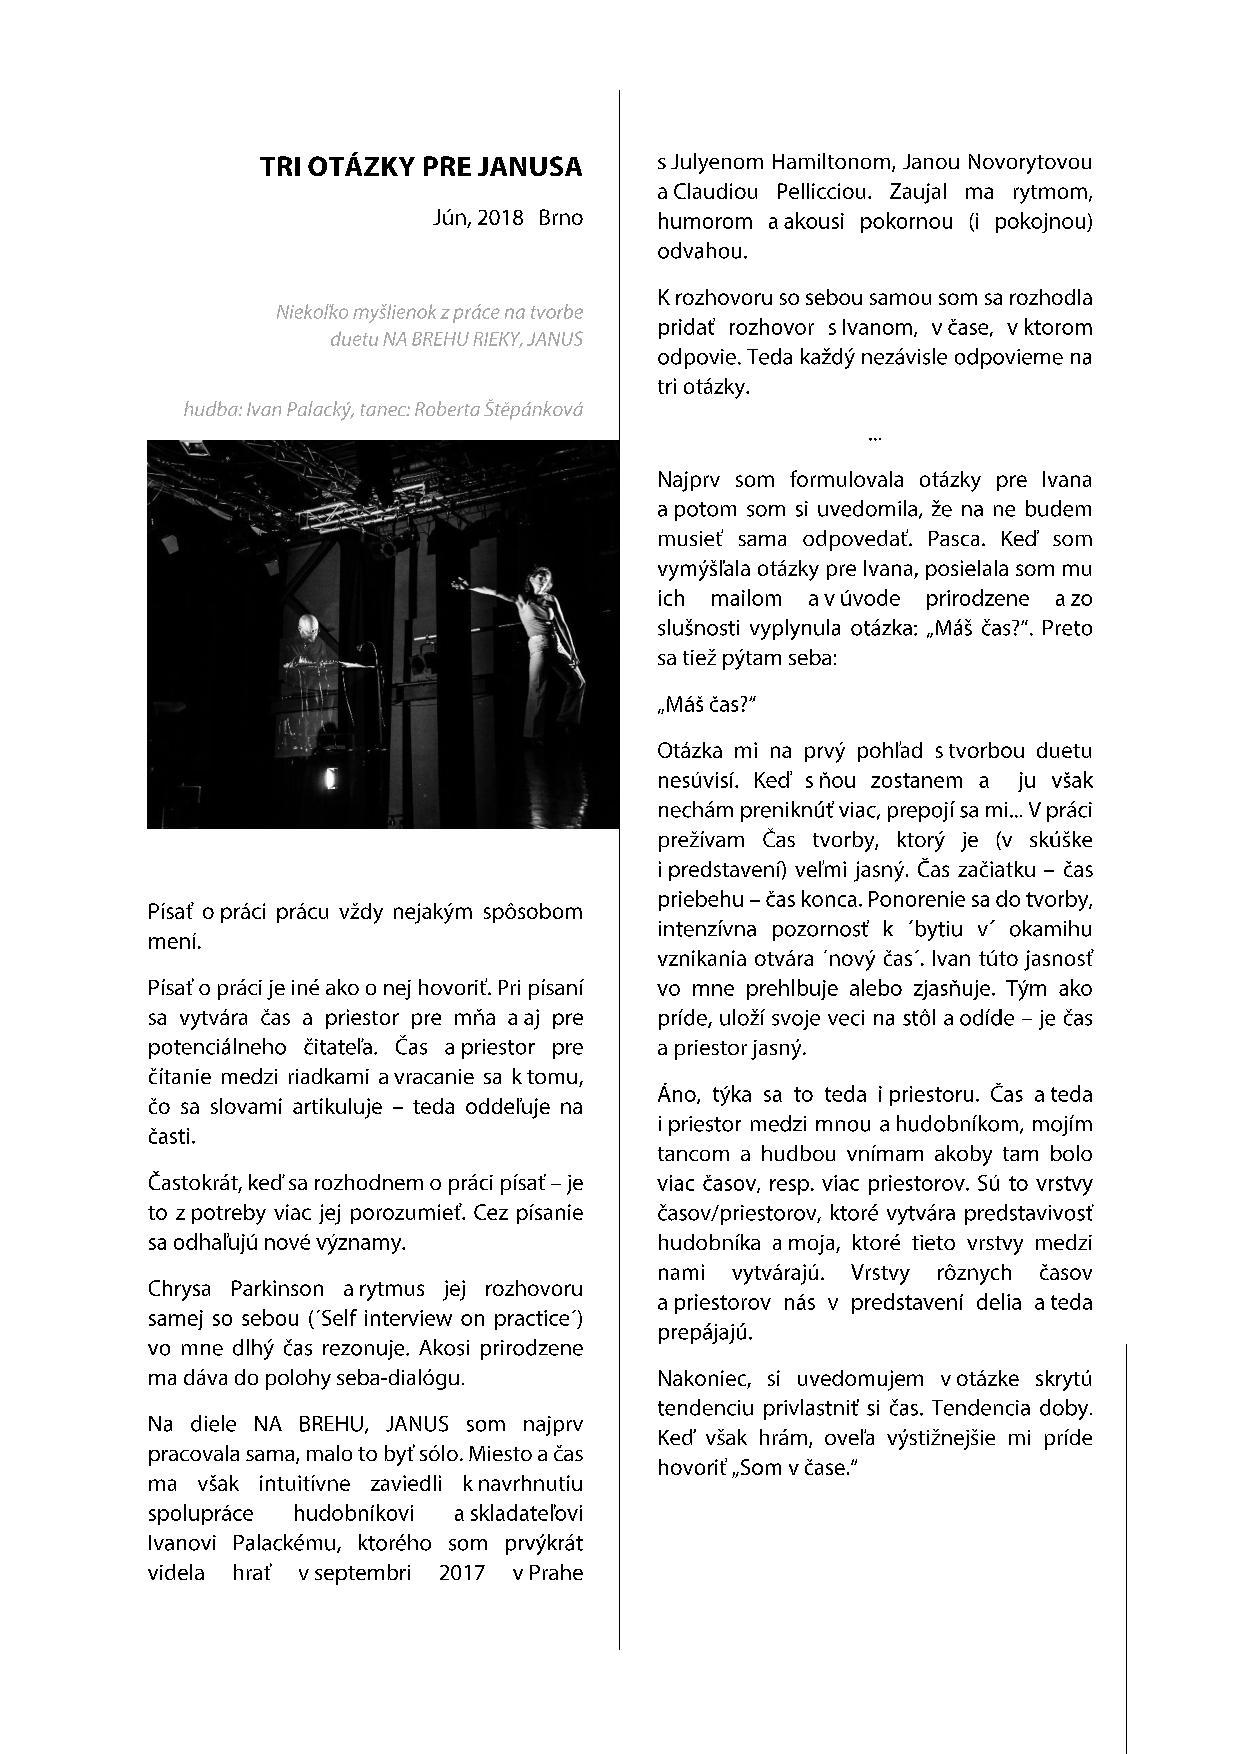 TRI OTÁZKY PRE JANUSA-page-001